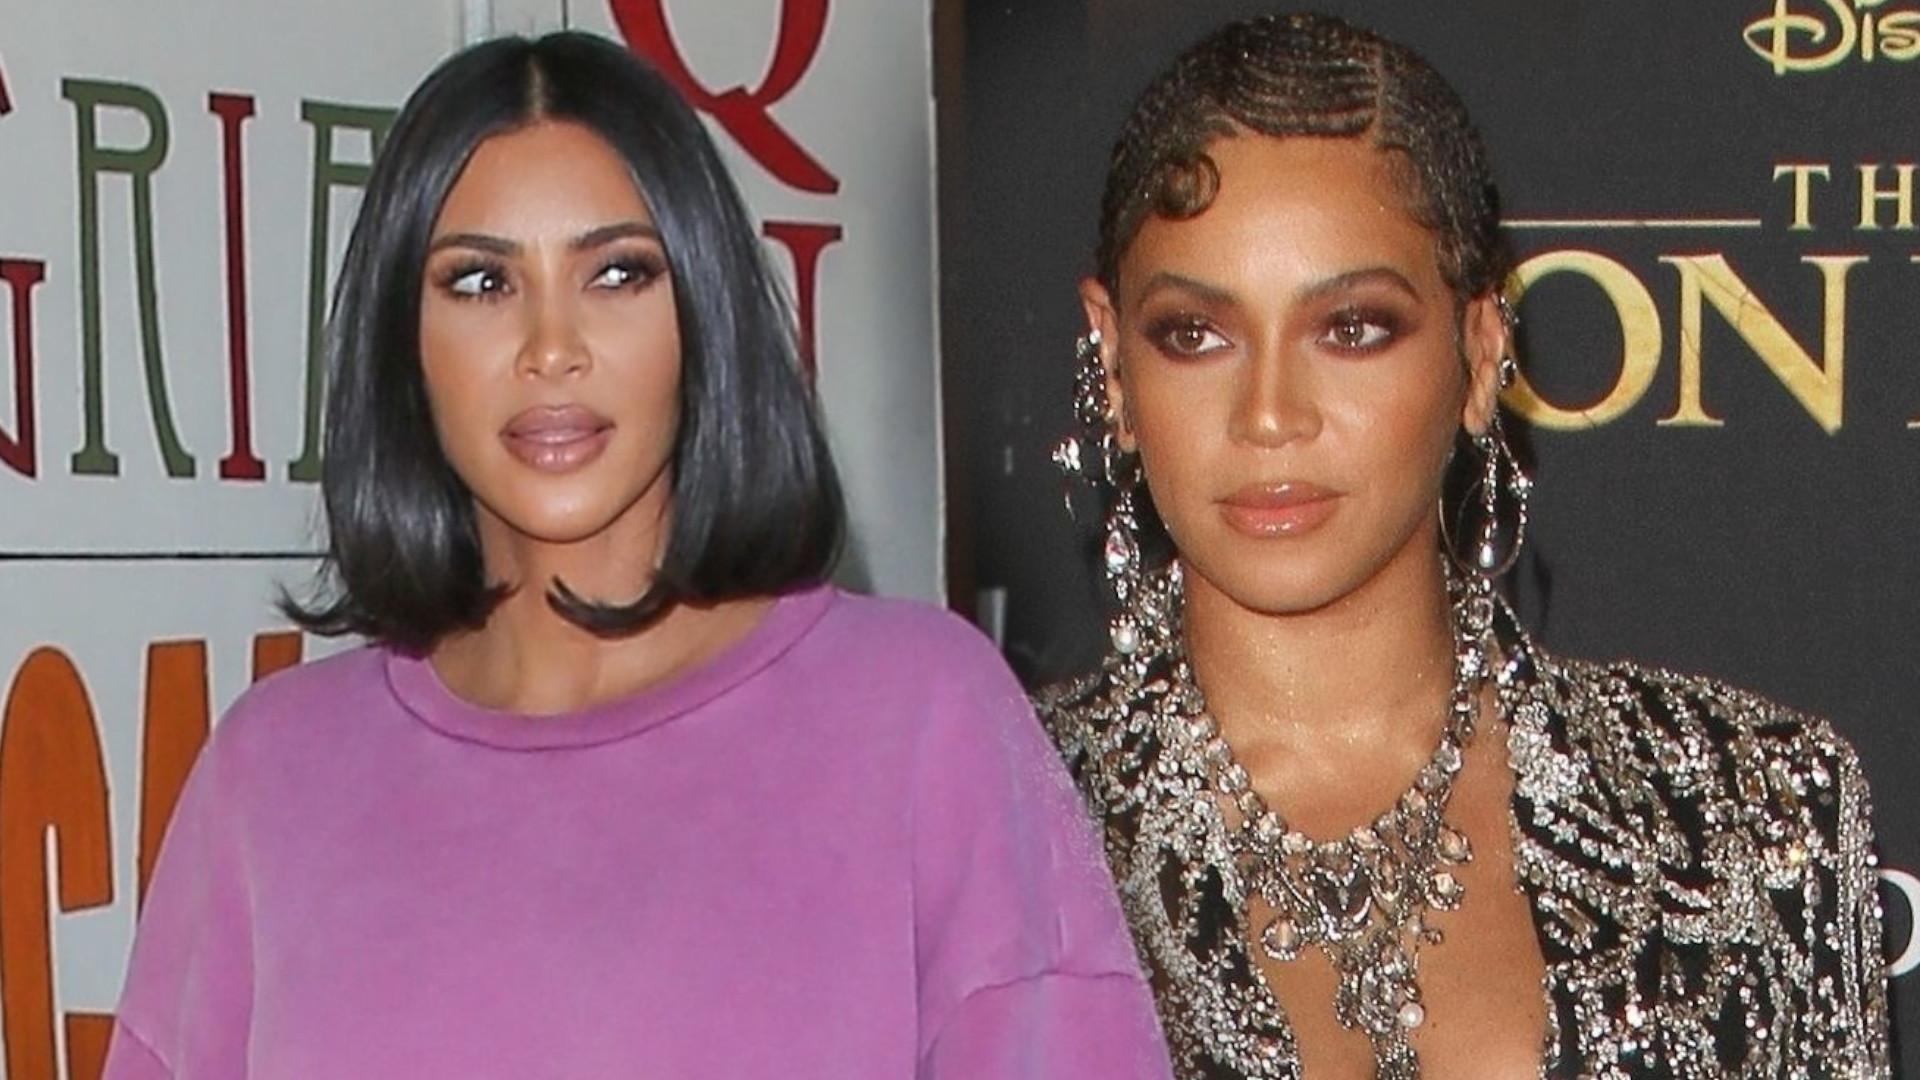 Kim Kardashian poszła do chirurga plastycznego i poprosiła o twarz Beyonce